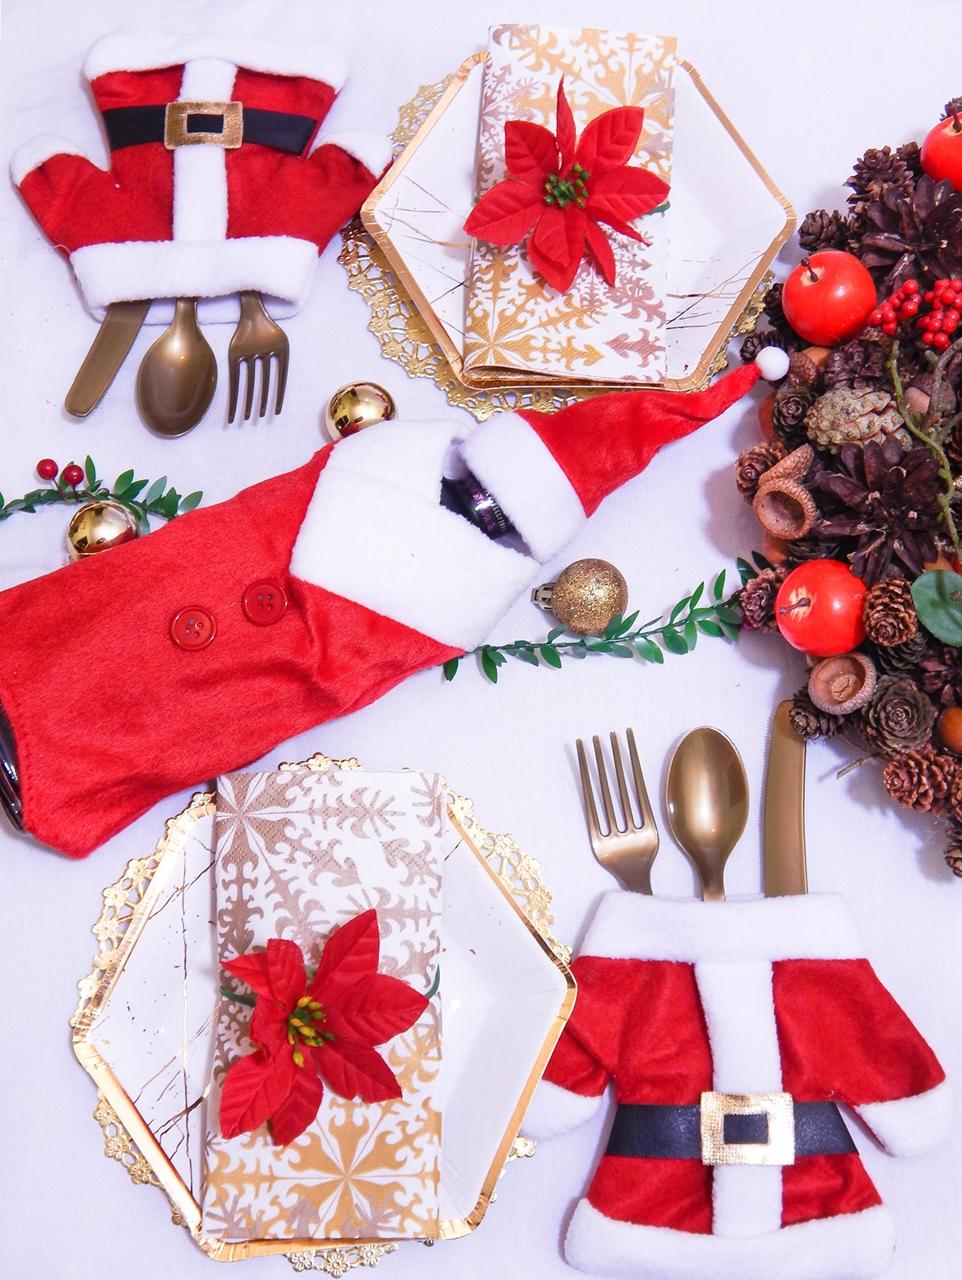 2 dekoracja świątecznego stołu jak udekorować stół na boże narodzenie dekoracja kolacja wigilijna dekoracja stroik na stół wigilijny wianek świeczka mikołajowe ubrania na butelki mikołaje na sztućce